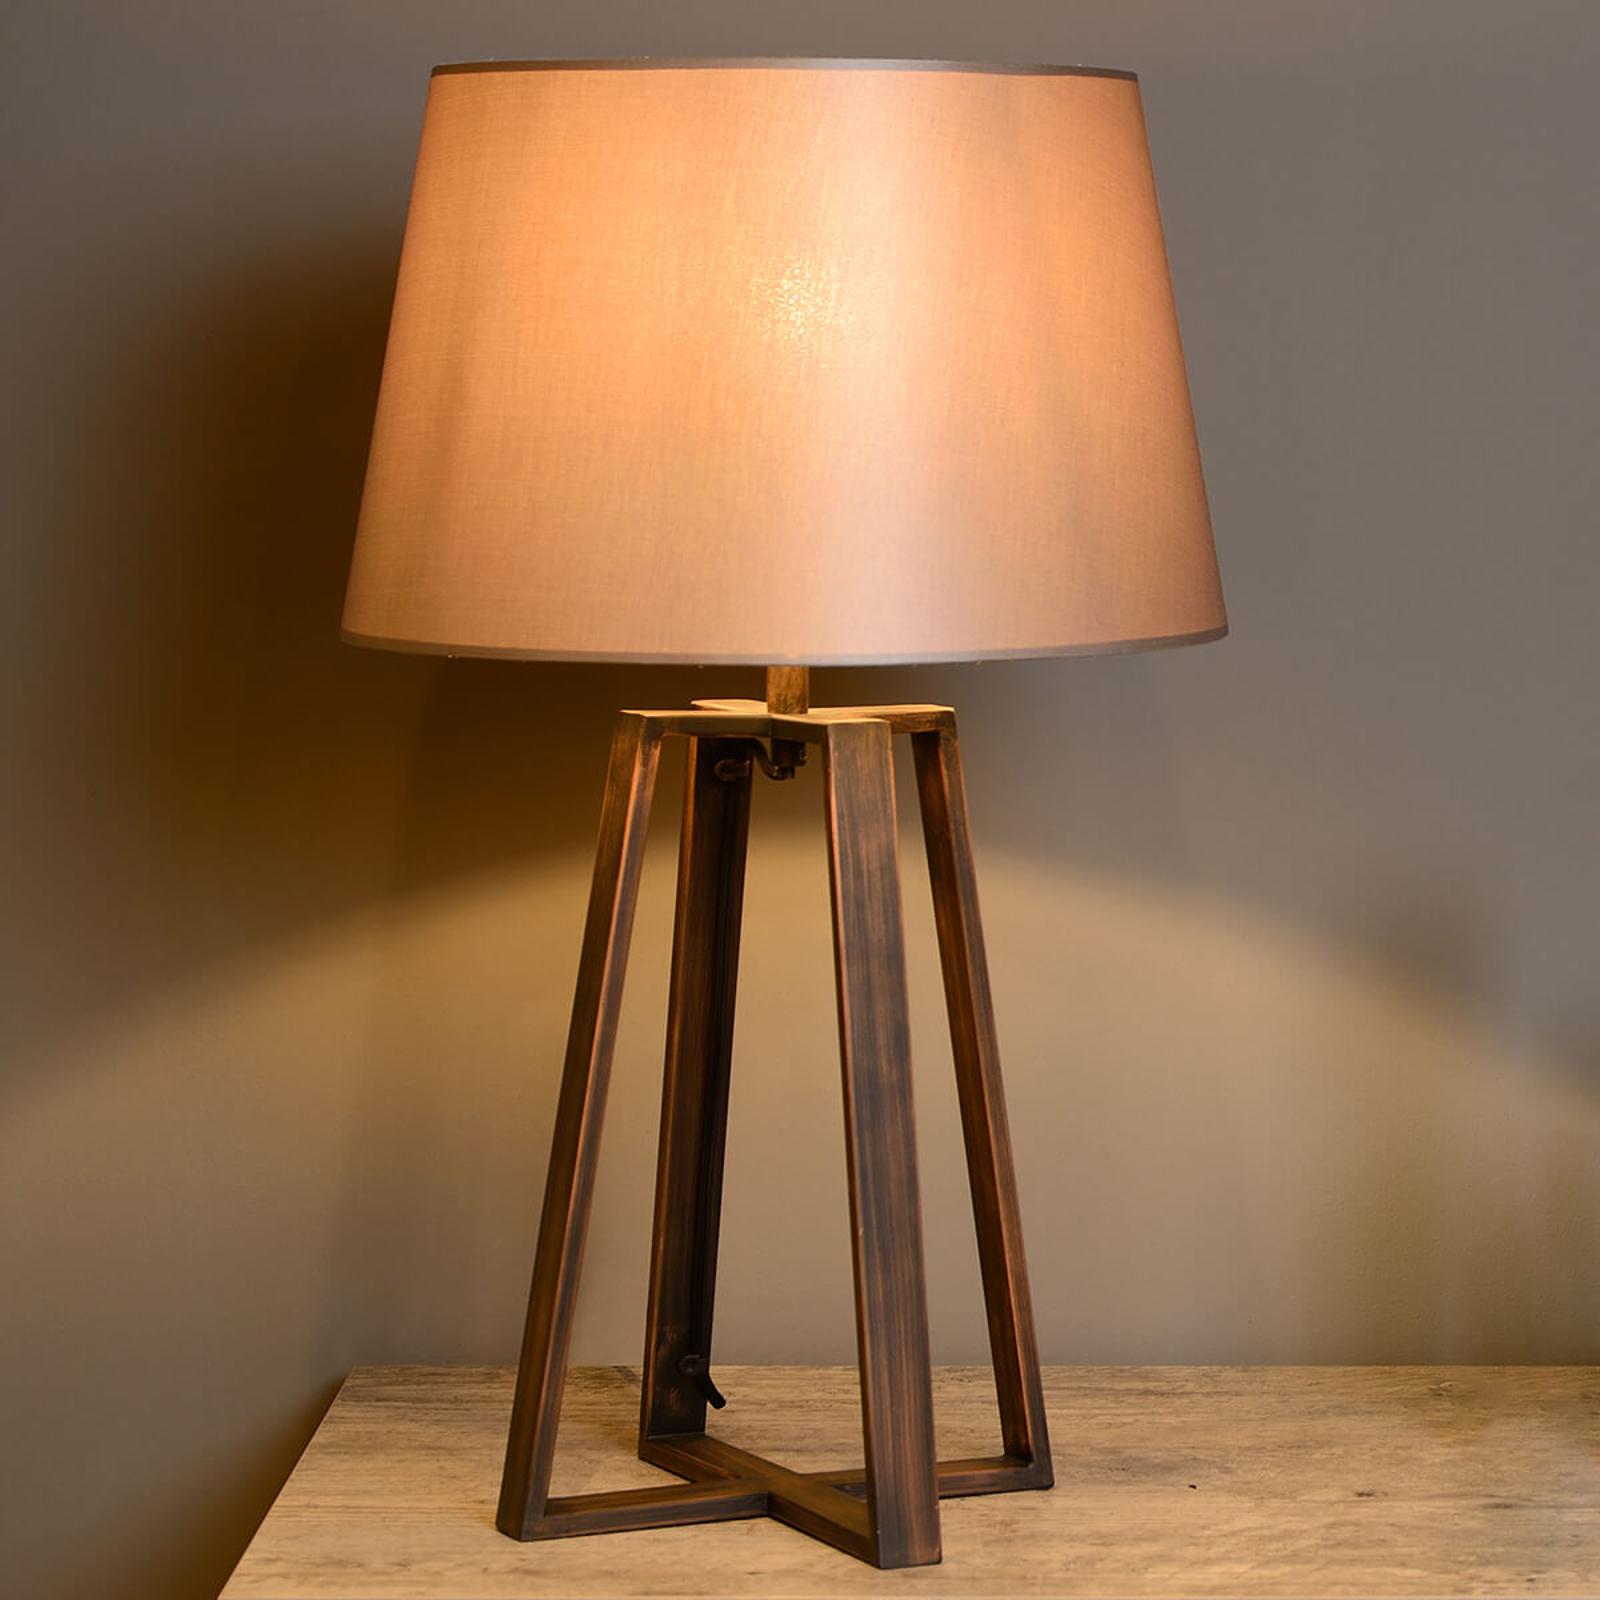 Tischleuchte Coffee Lamp mit braunem Stoffschirm